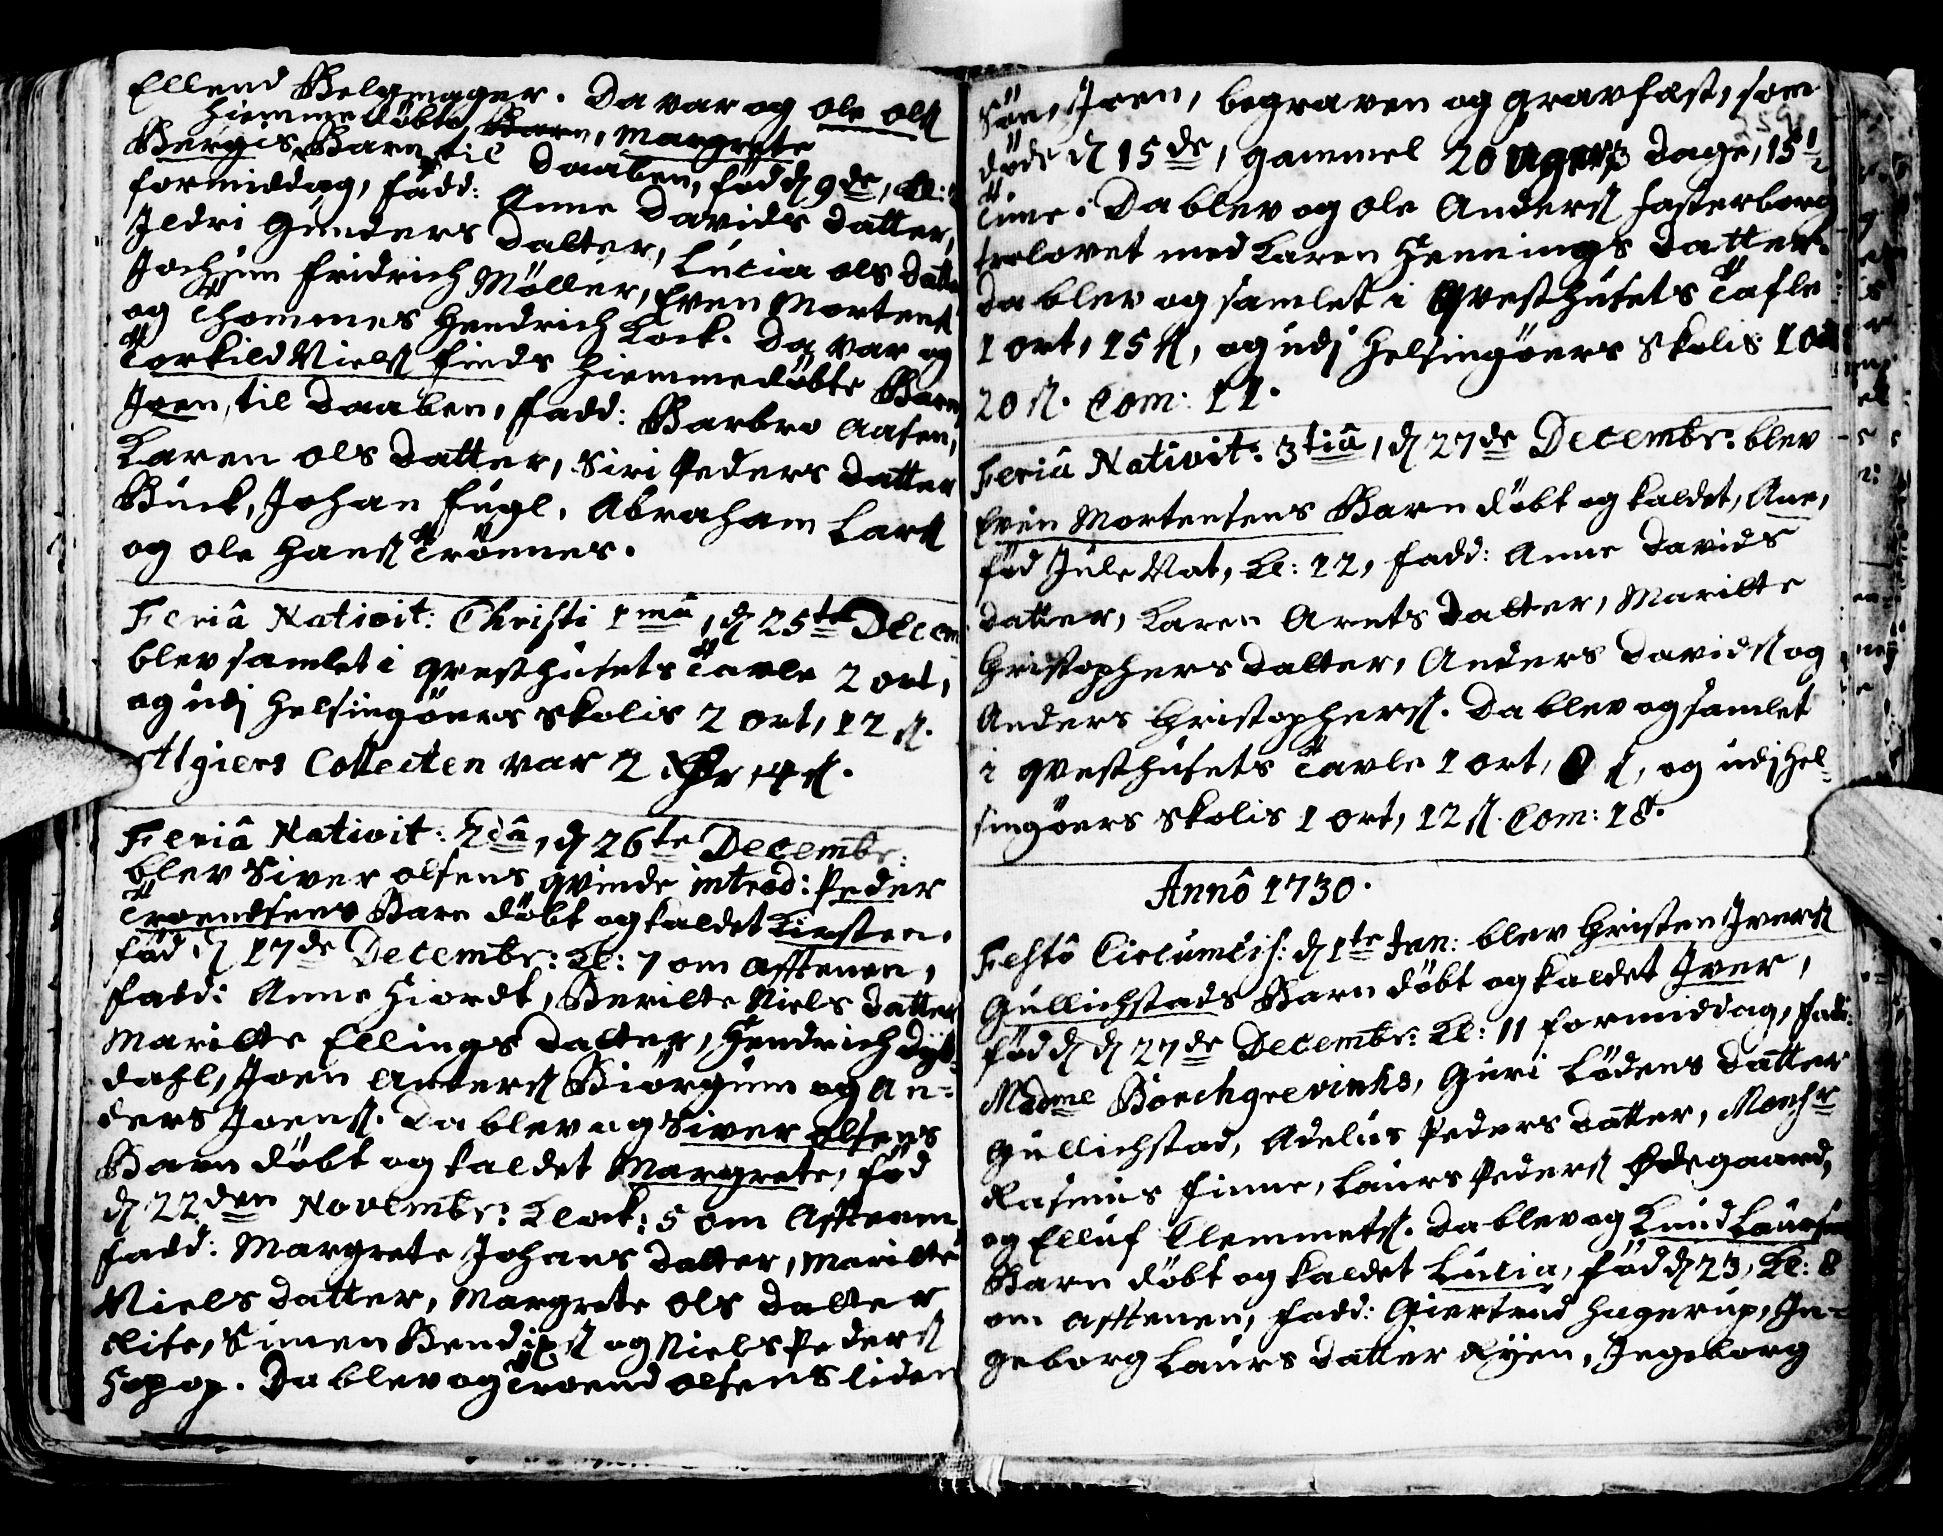 SAT, Ministerialprotokoller, klokkerbøker og fødselsregistre - Sør-Trøndelag, 681/L0924: Ministerialbok nr. 681A02, 1720-1731, s. 258-259